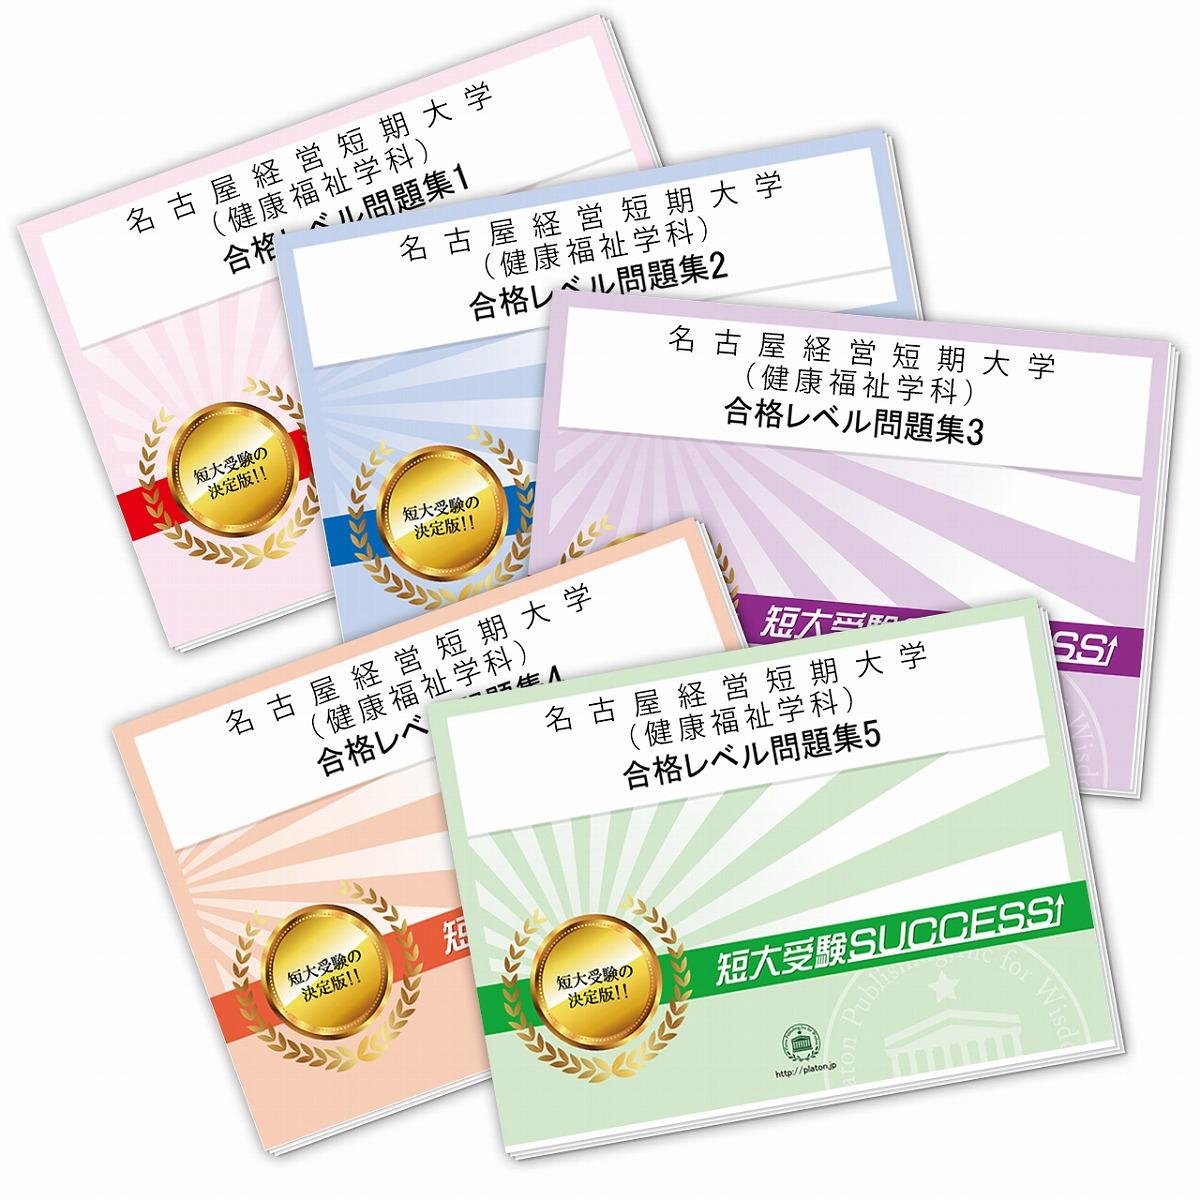 【送料・代引手数料無料】名古屋経営短期大学(健康福祉学科)受験合格セット(5冊)